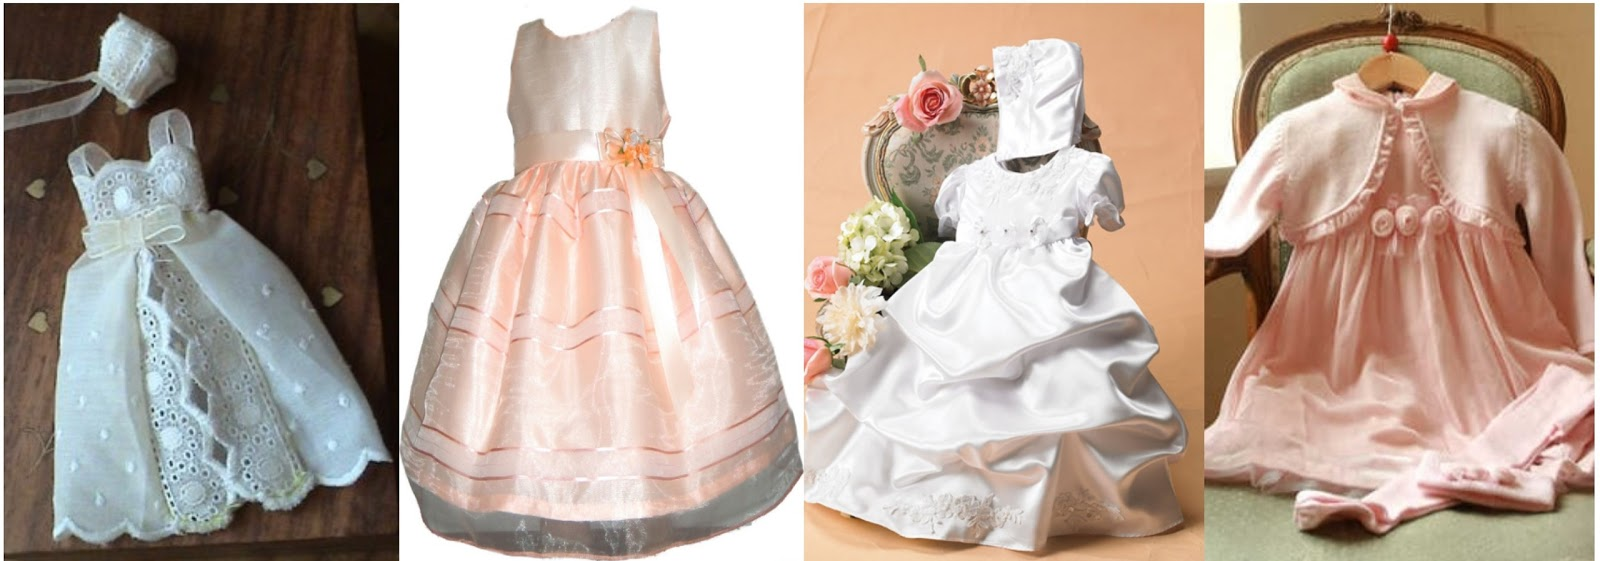 Vestidos de bautismo para niñas pequeñas  Tendencias de vestidos de ... c695bbf31187